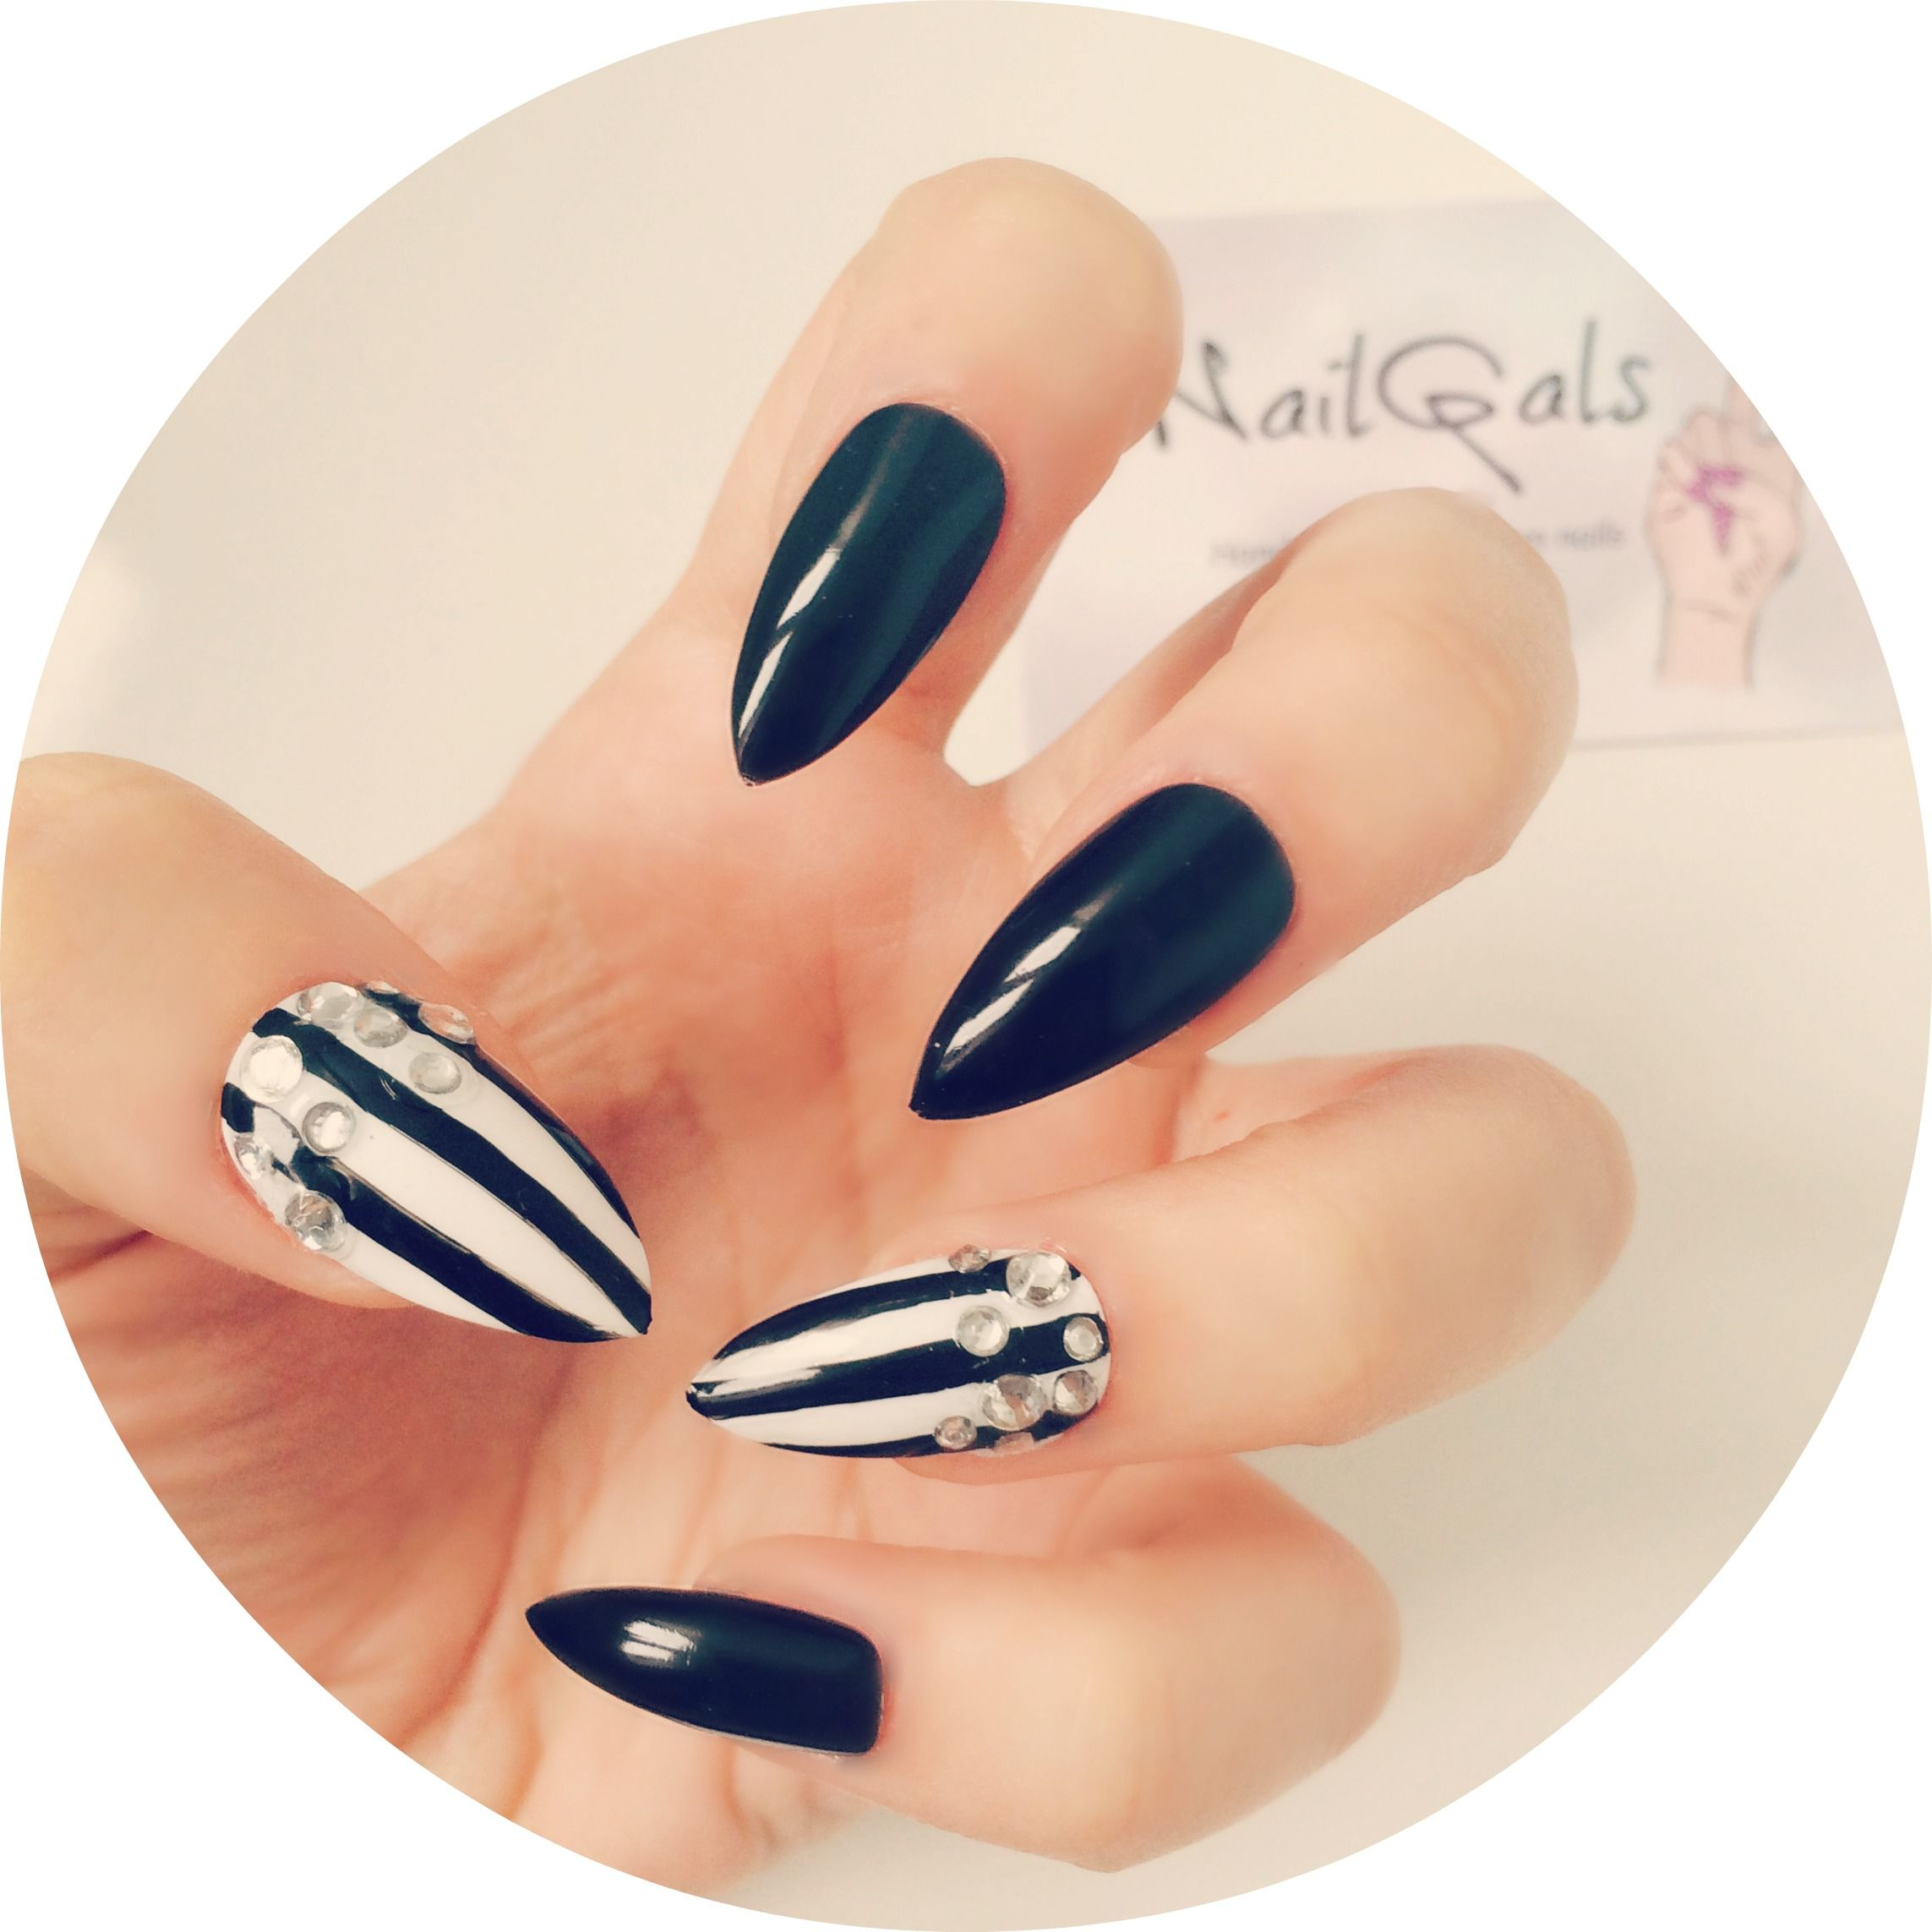 Black and white stripes with swarovski studs #stilettonails #glueonnails #pressonnails #falsenails #nailart #naildesigns #swarovski